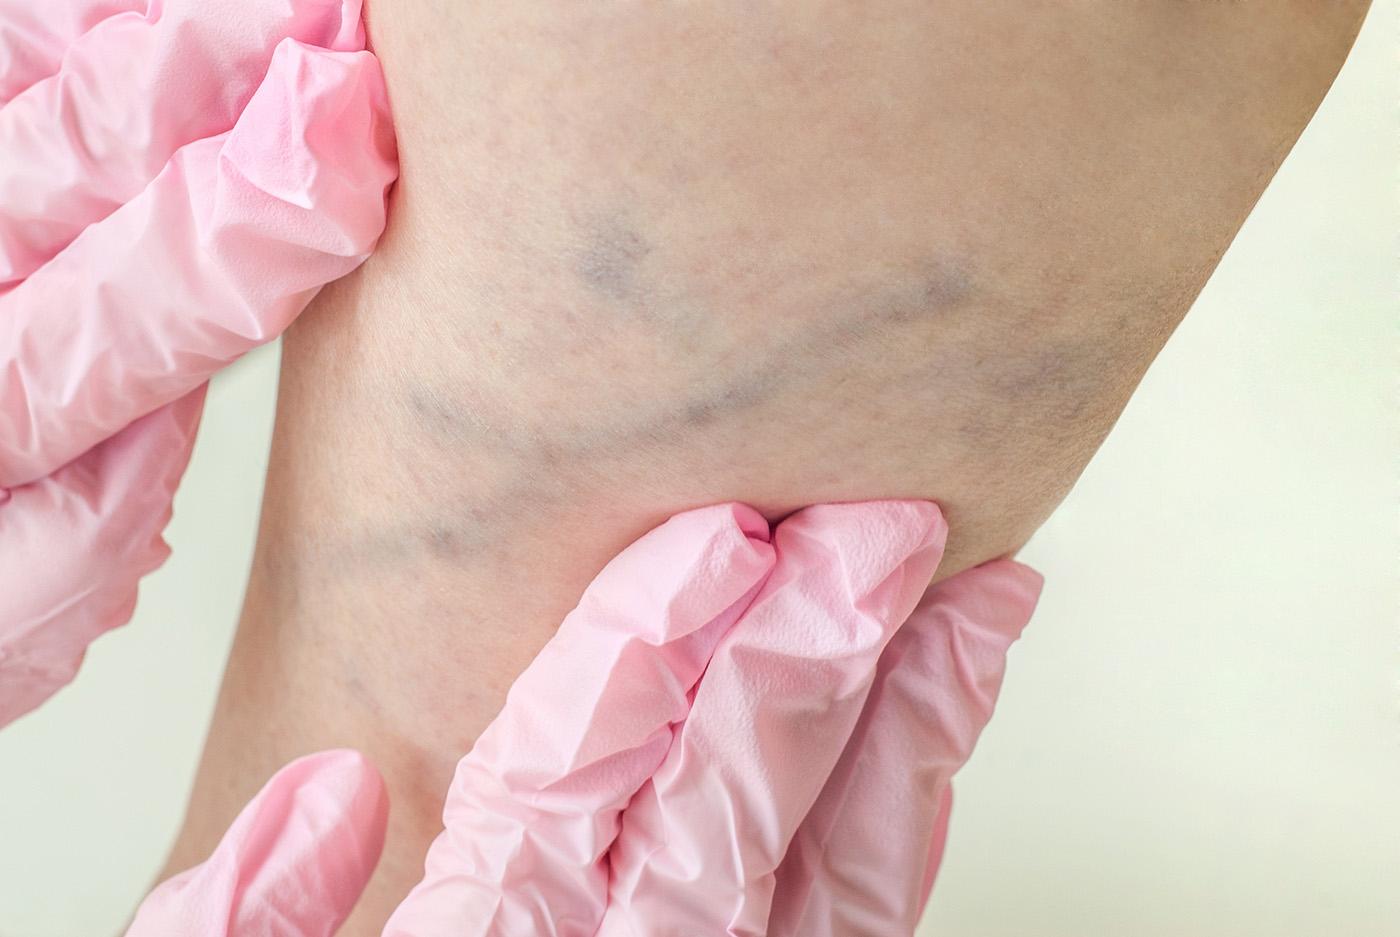 vénás trombózis kezelése visszérrel)